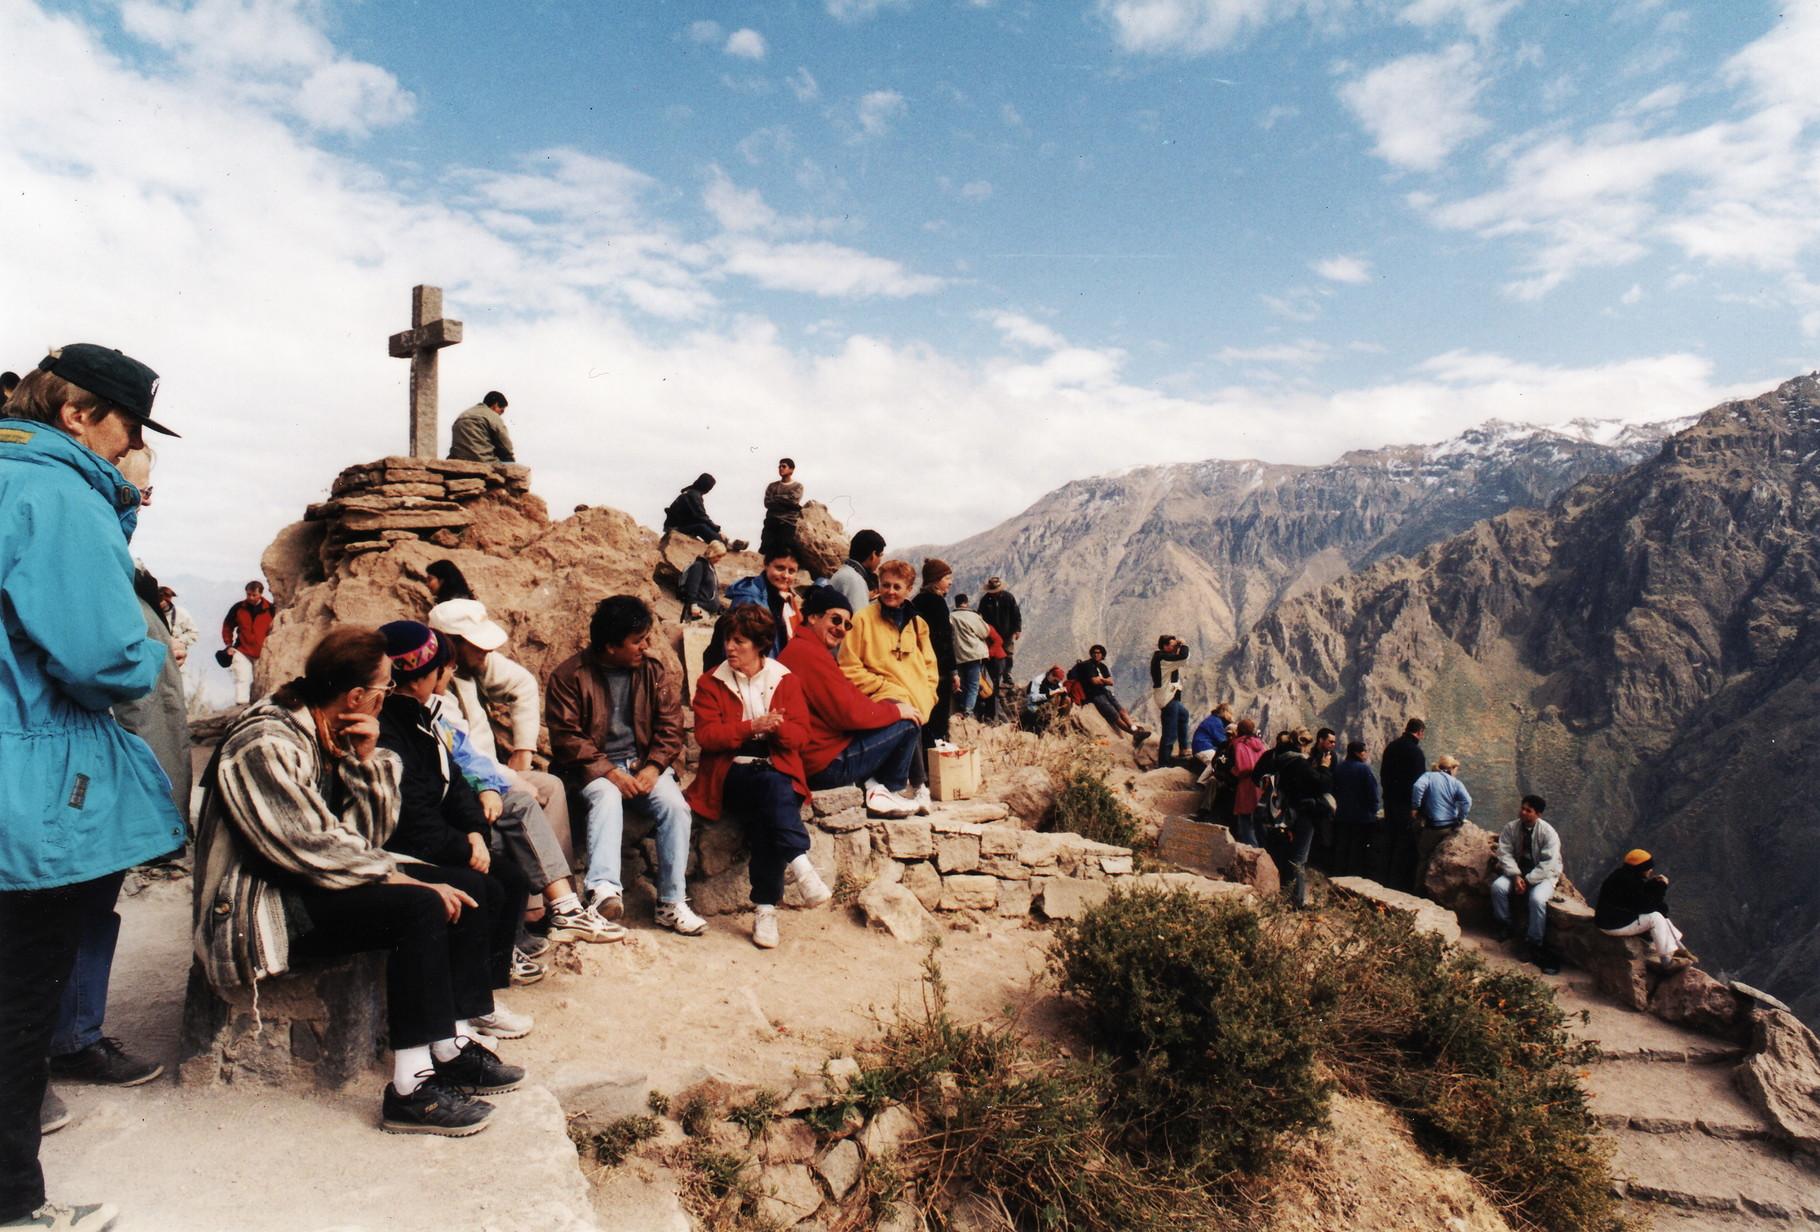 2002 Pérou - Les îles de Paille du lac Titicaca